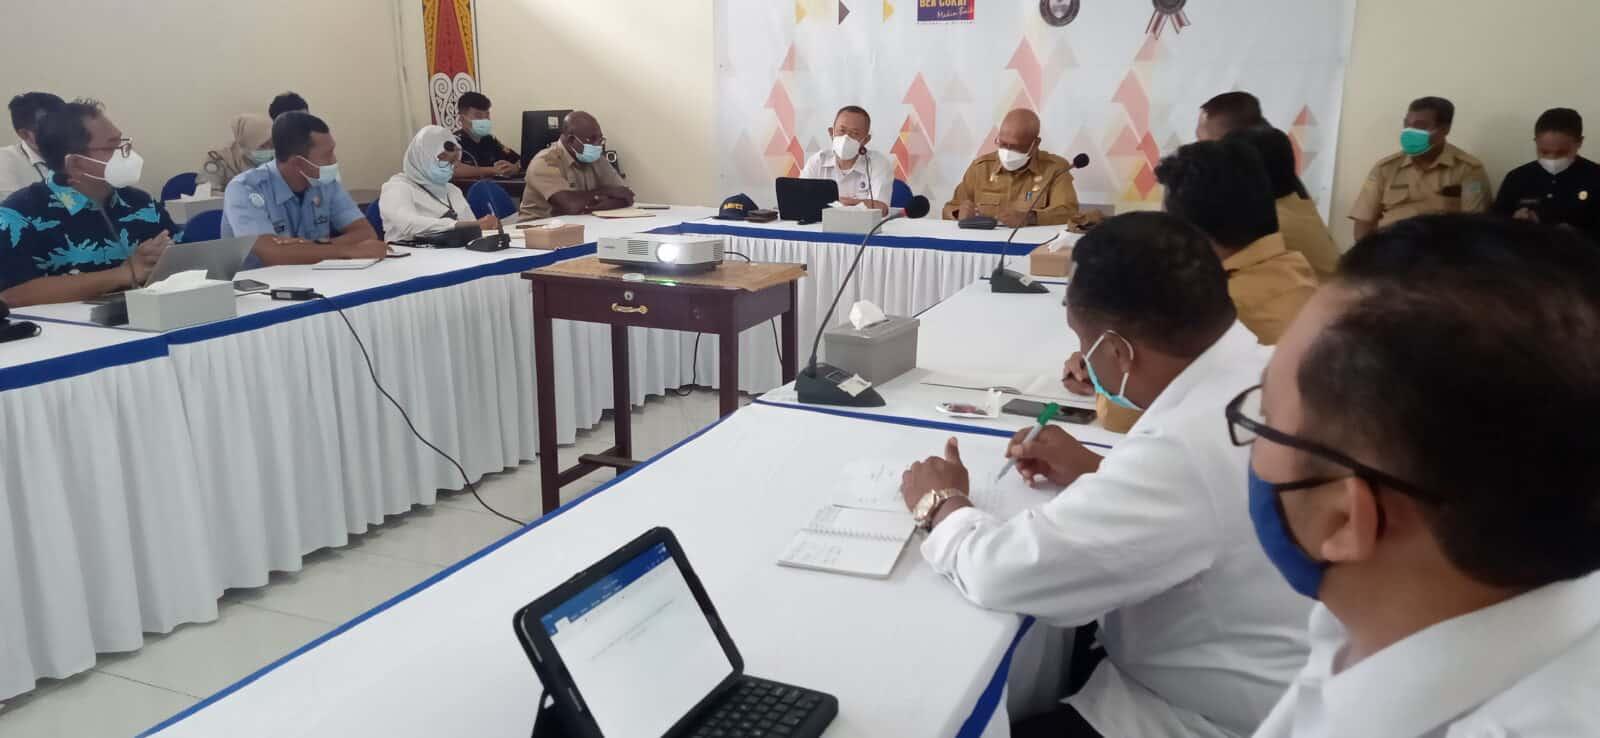 Temui Pemerintah Daerah dan Pelaku Bisnis Perikanan di Biak Numfor, Kemenko Marves Bahas Kesiapan Infrastruktur WPPNRI 717